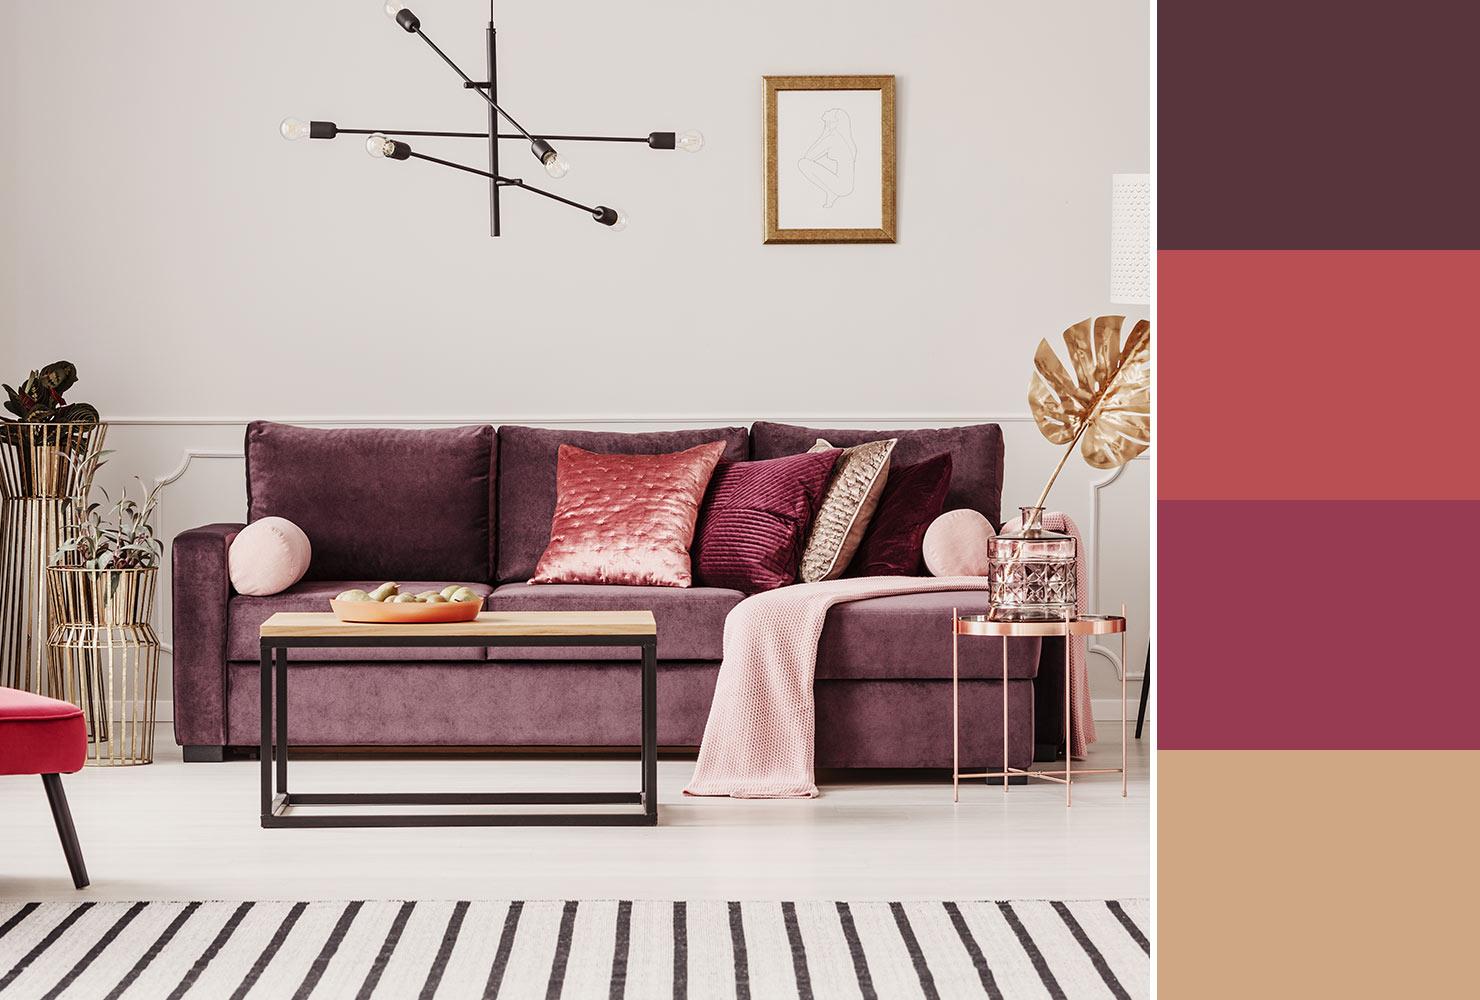 Farebné kombinácie - inšpirácie do interiéru - Obrázok č. 32